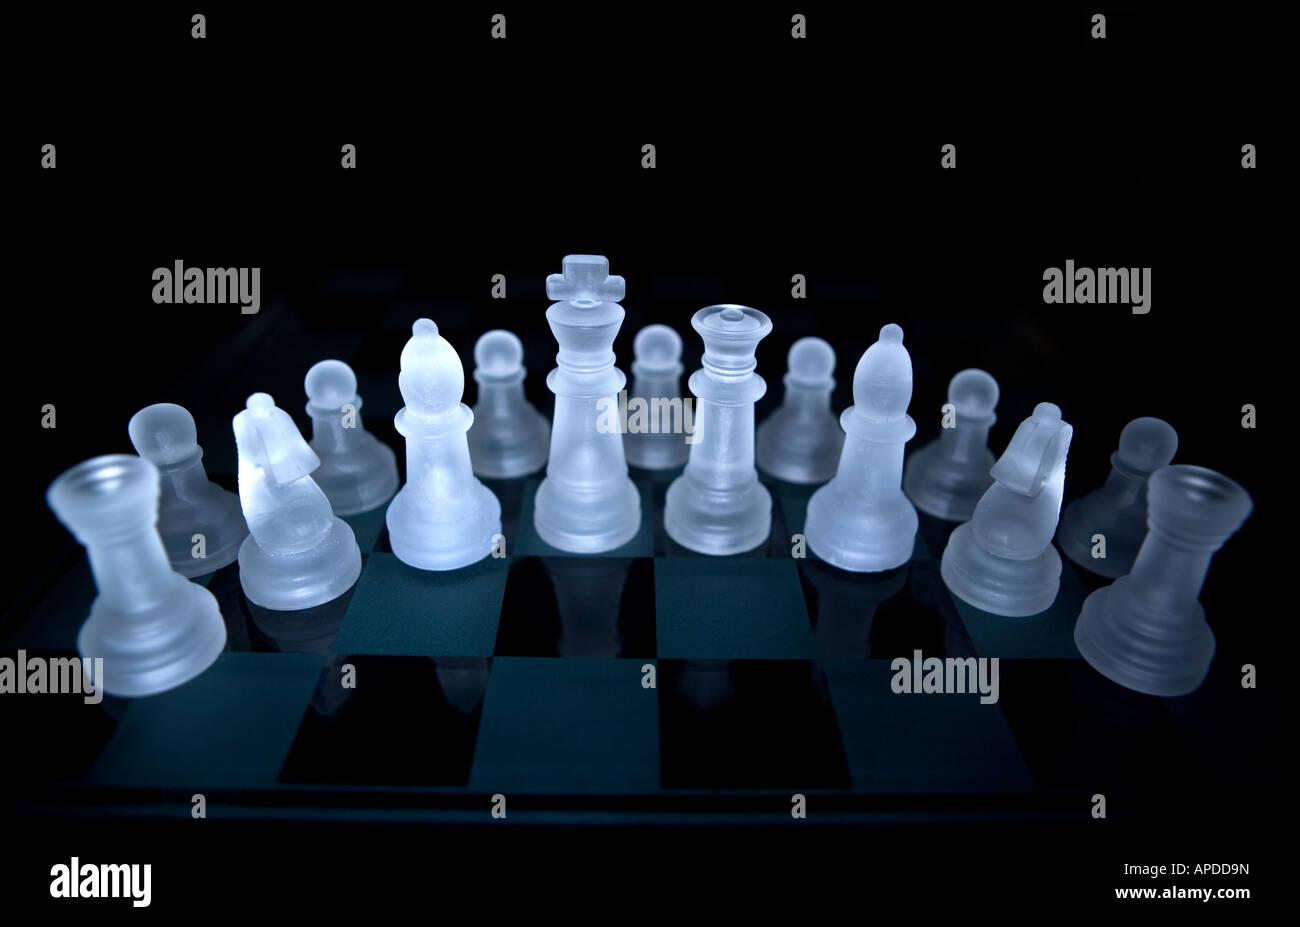 Set di scacchi in bianco e nero sulla tavola scacchi Immagini Stock